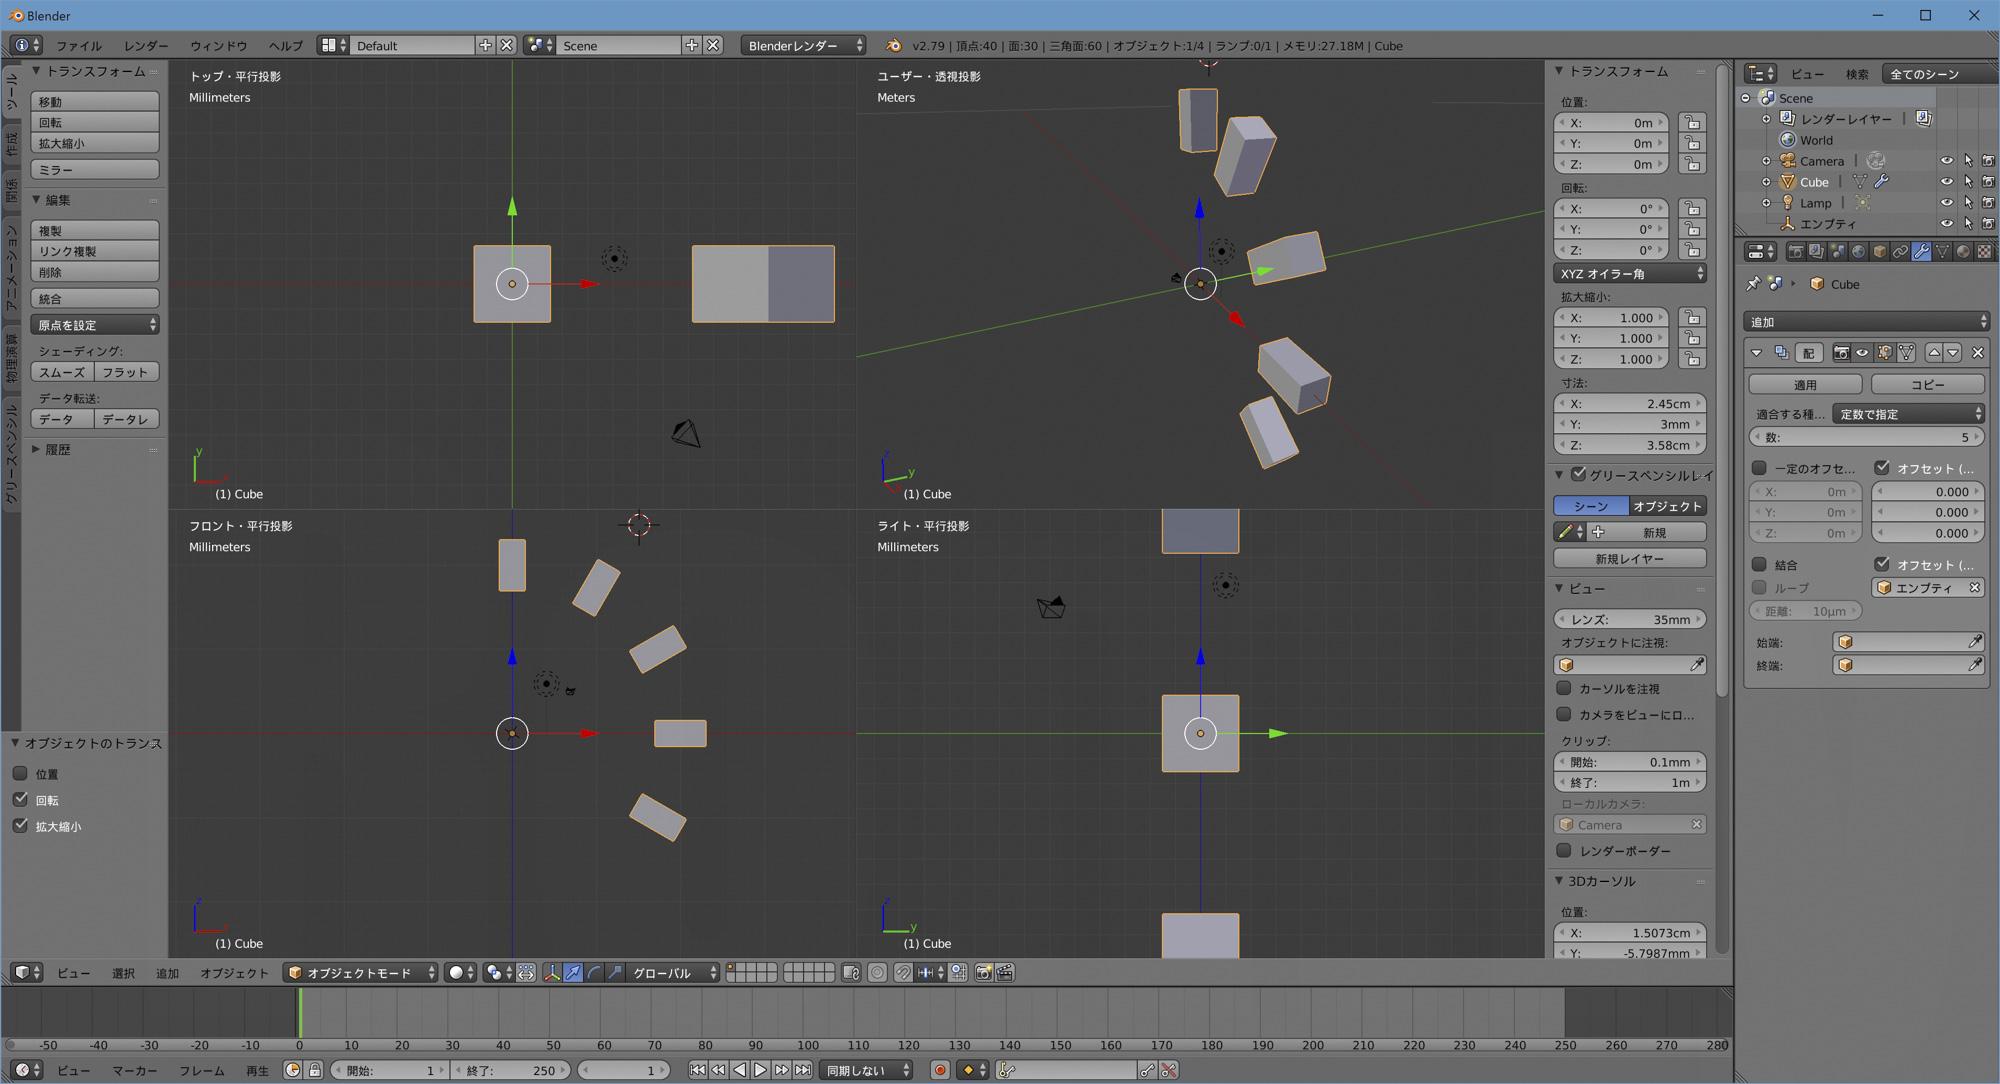 Blender: 配列複製成功